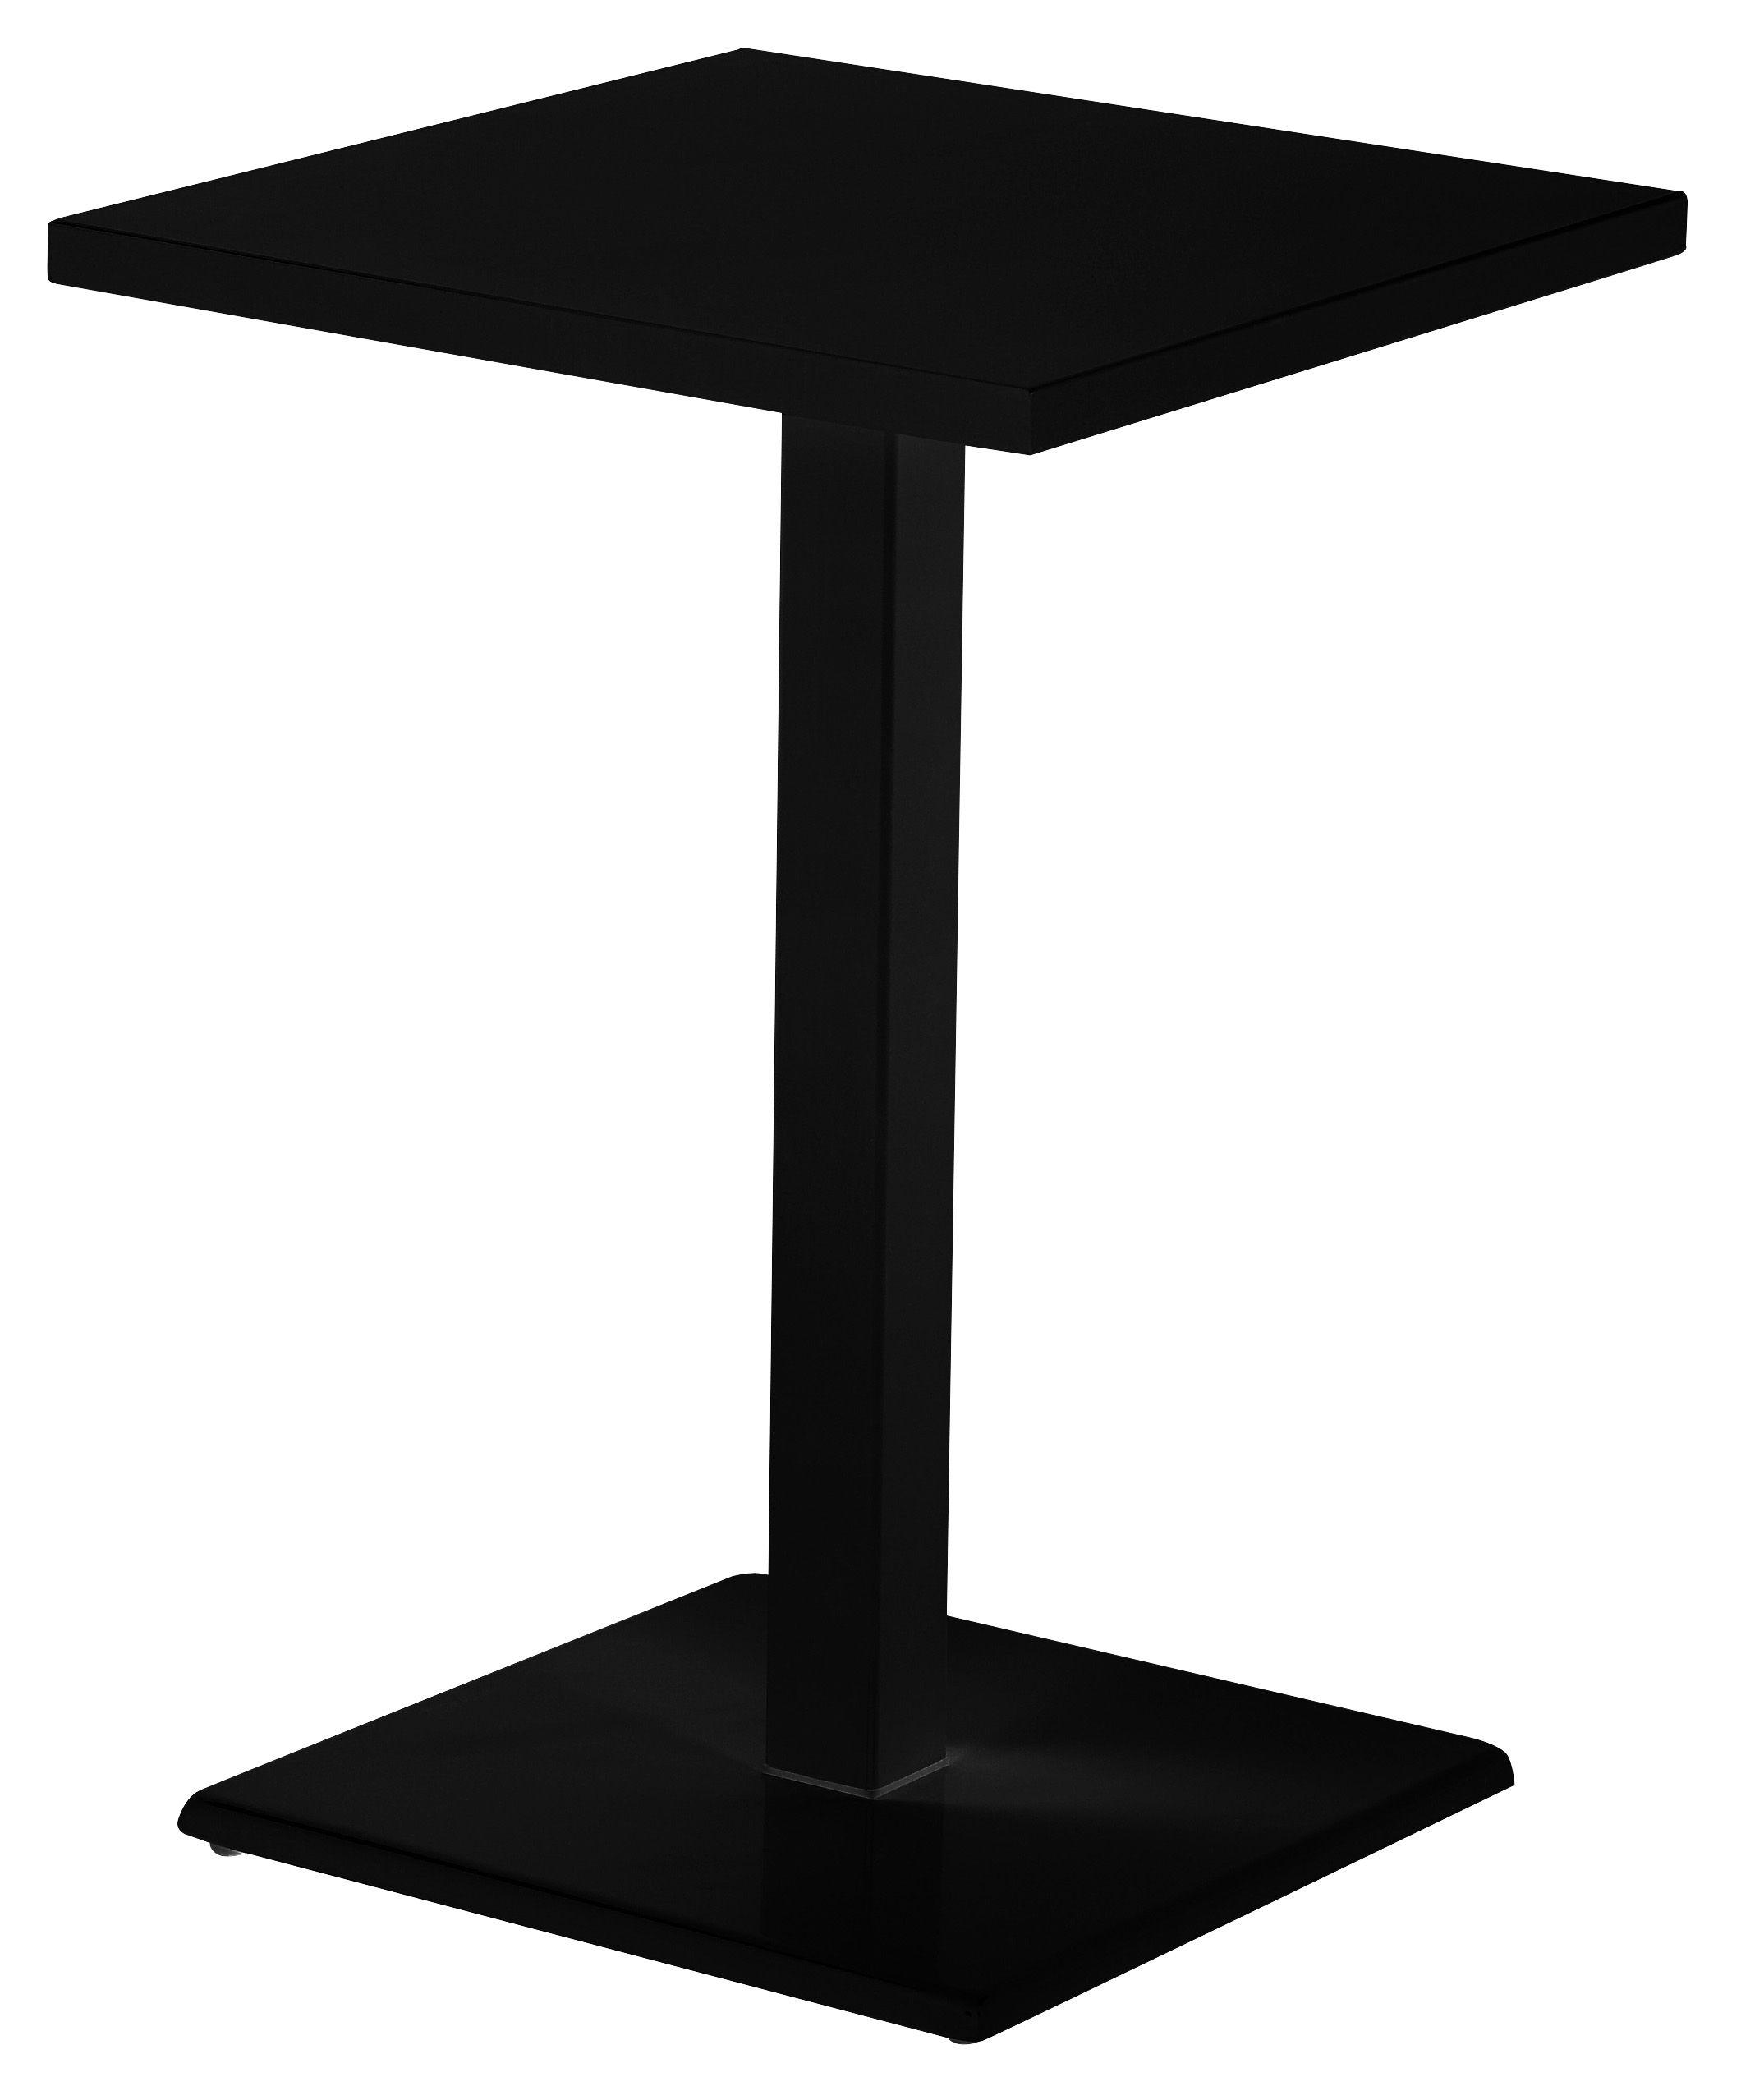 Tavoli Alti Da Bar Esterno.Tavolo Bar Alto Round Emu Nero H 105 Made In Design